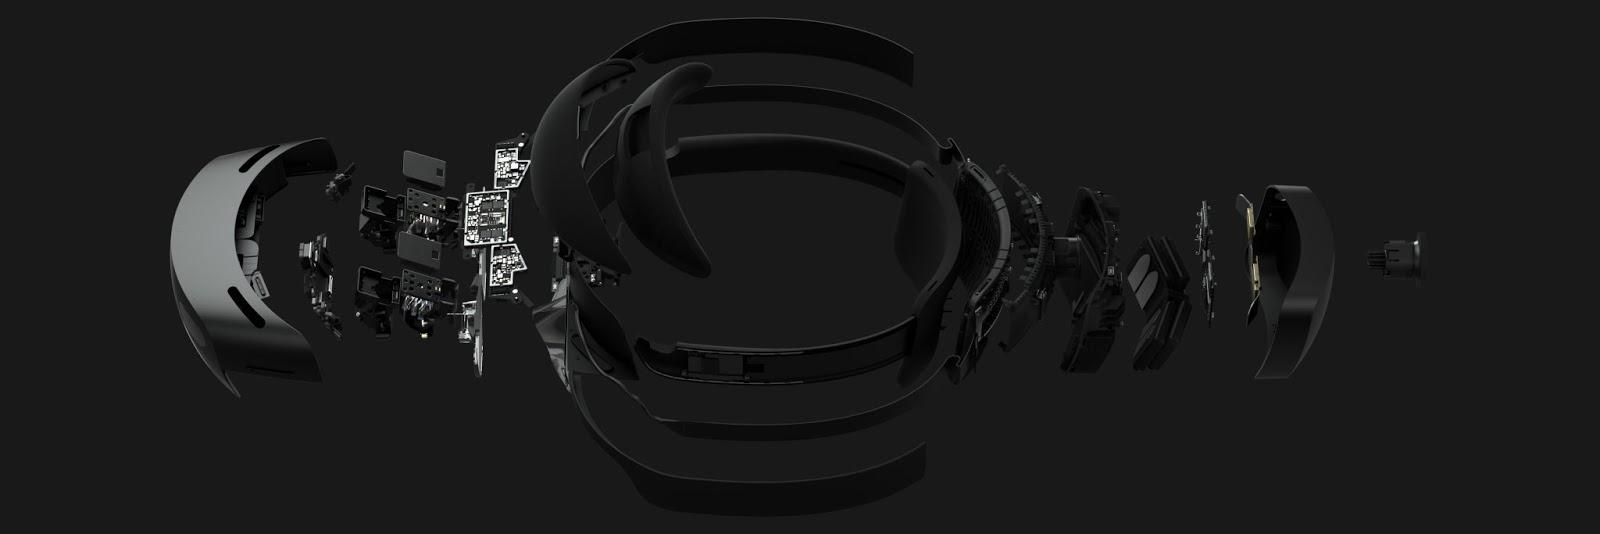 HoloLens-2-fibra-di-carbonio